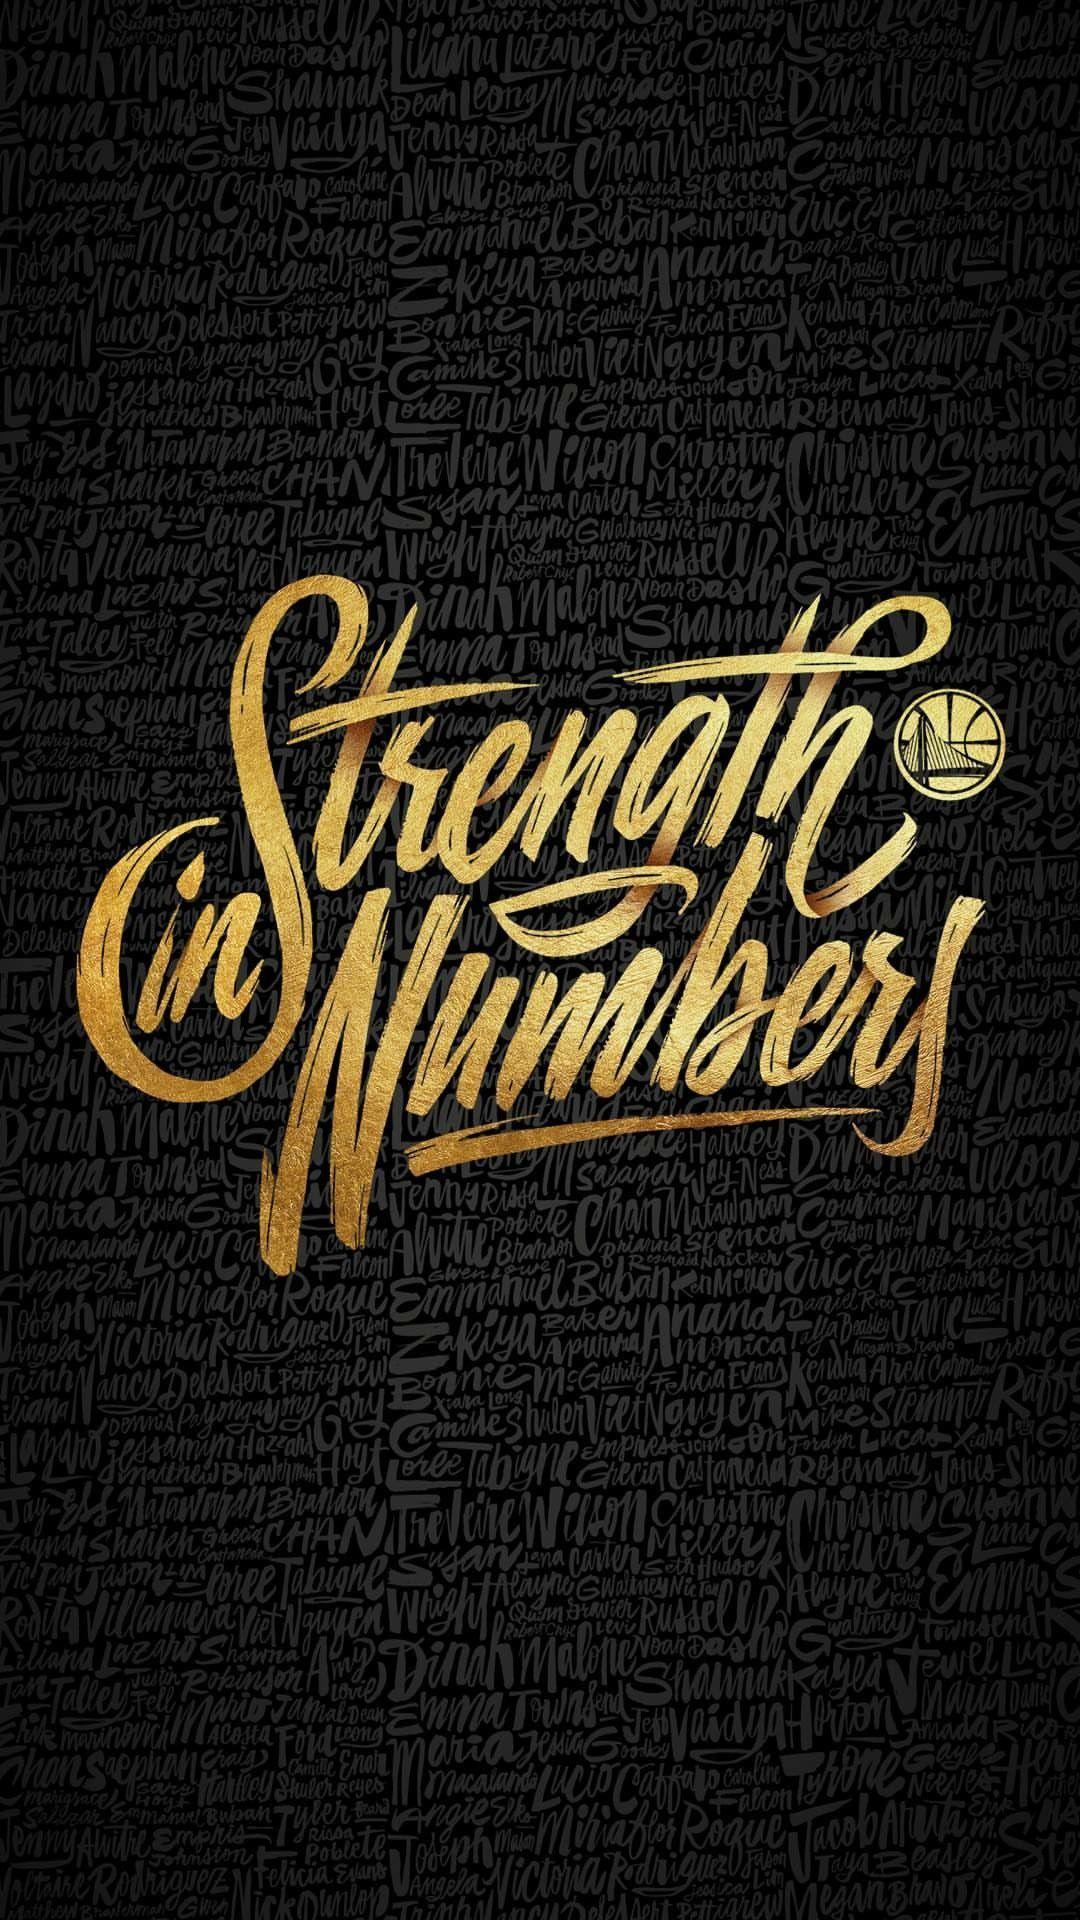 Golden State Warriors Wallpaper Basketball Golden State Warriors